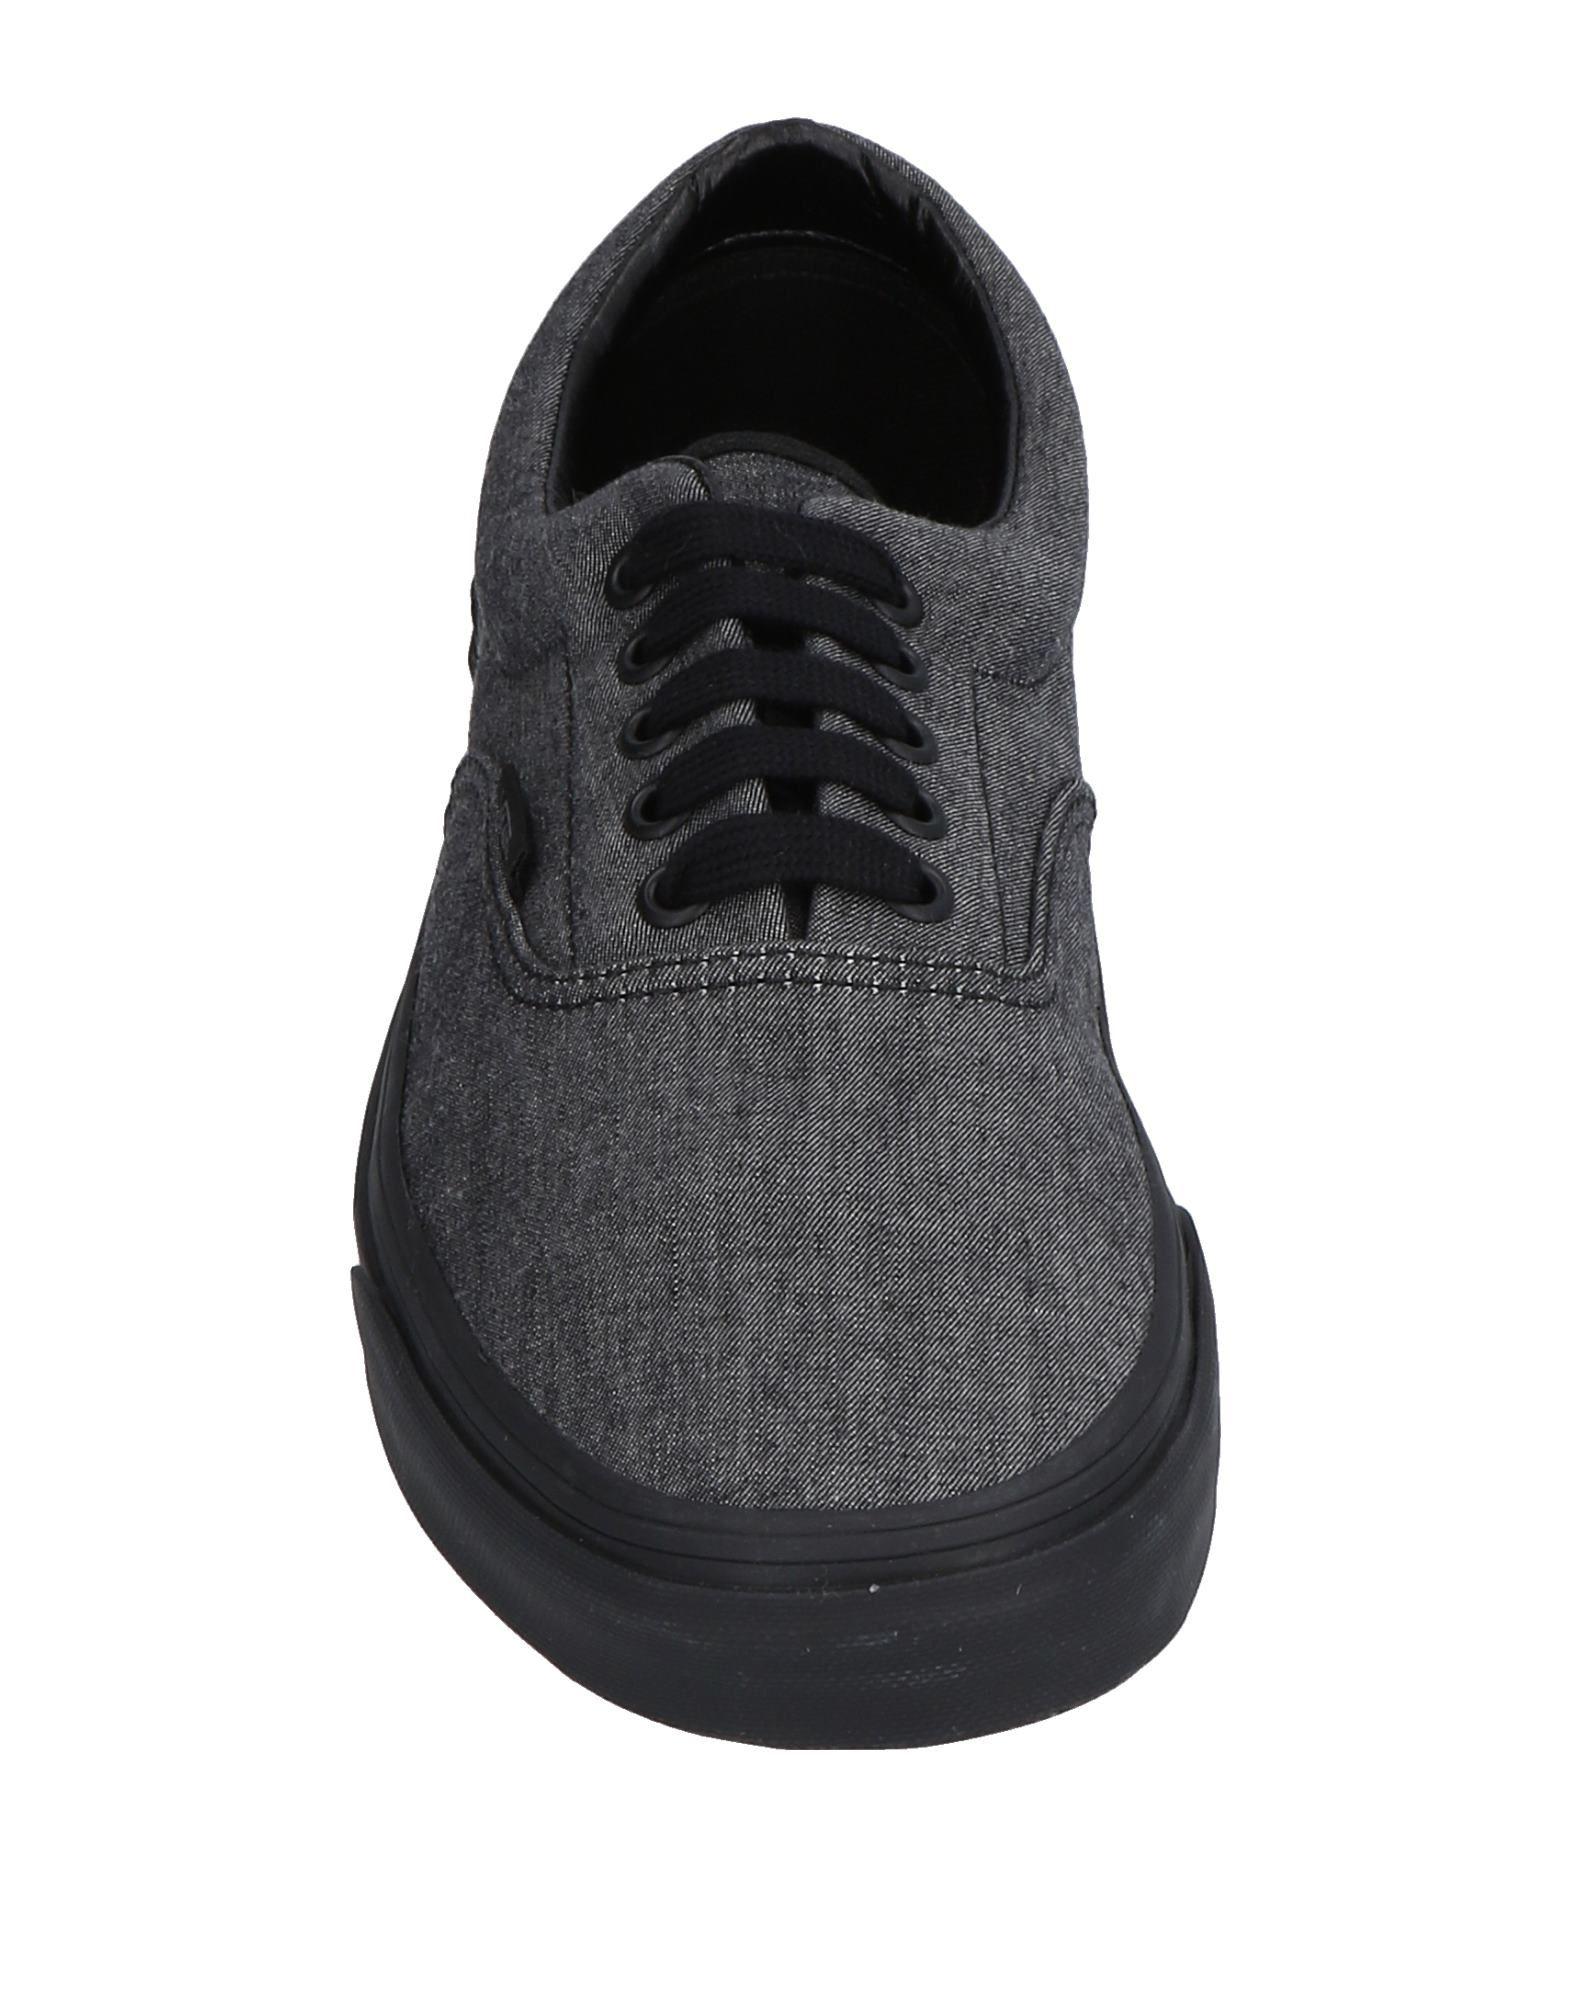 Vans Sneakers Herren 11495764SO  11495764SO Herren Heiße Schuhe bdc793